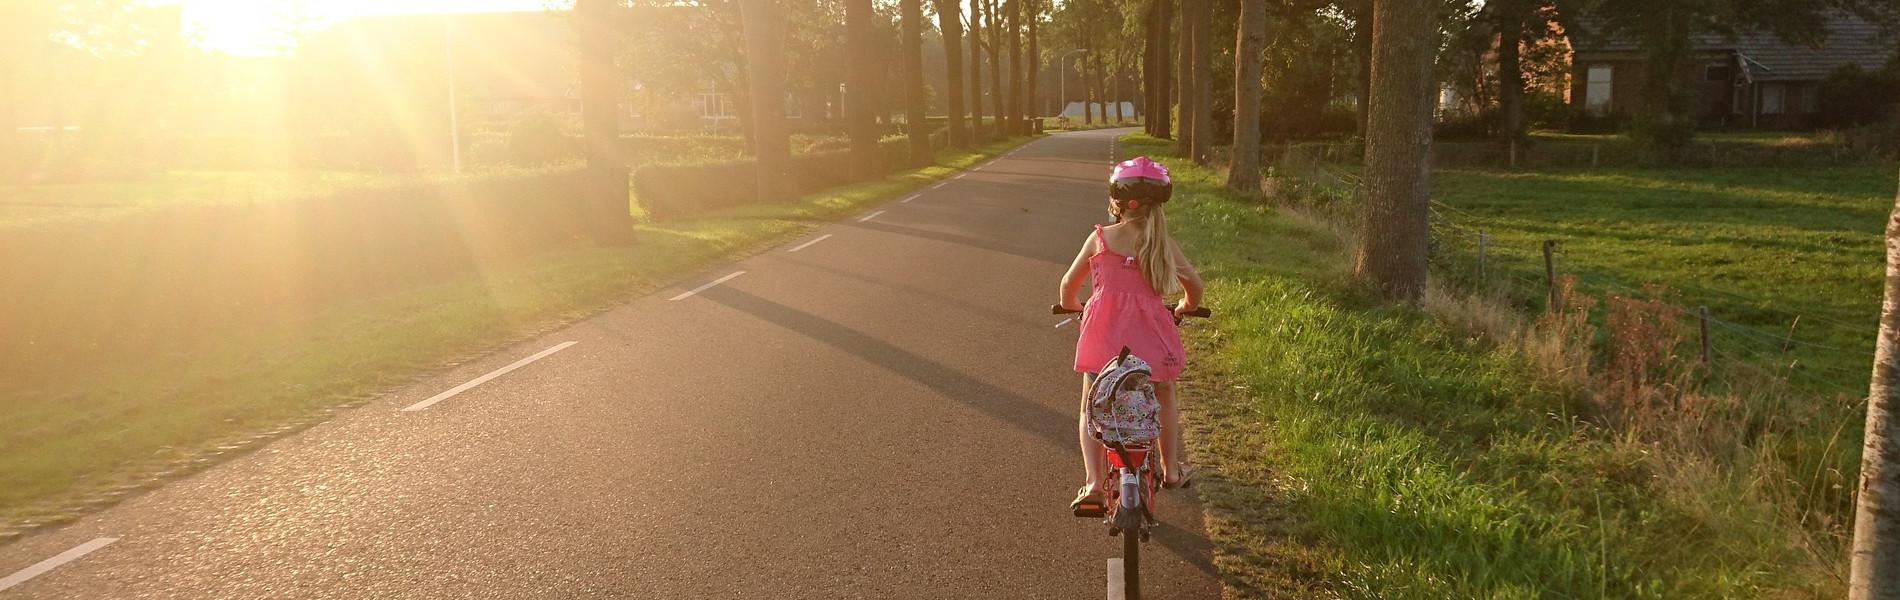 Ela e a bicicleta